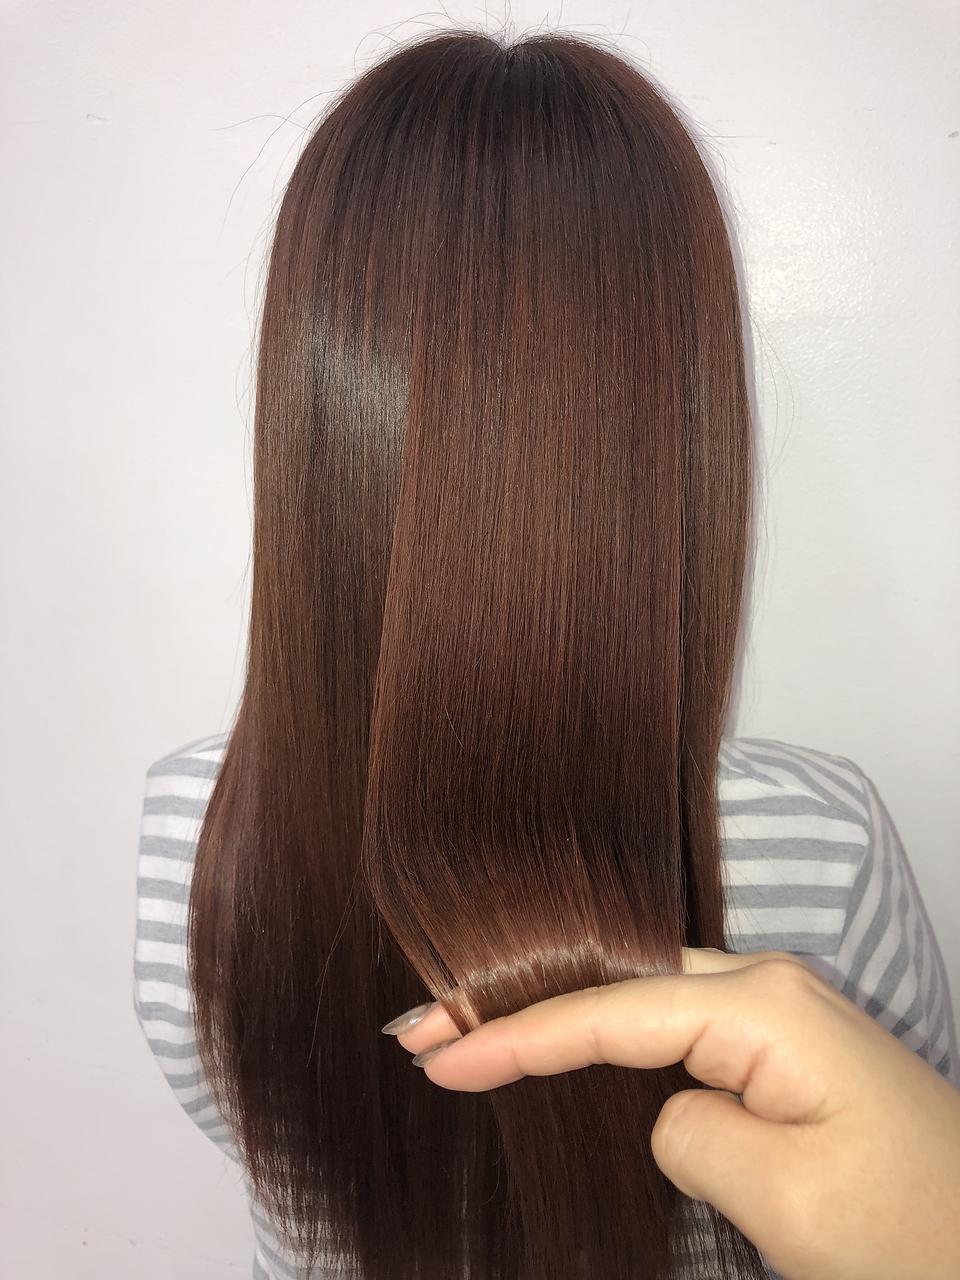 【茅ヶ崎】11種類のトリートメントができるお店!トリートメントは髪質、髪の傷みの状態により変わります。